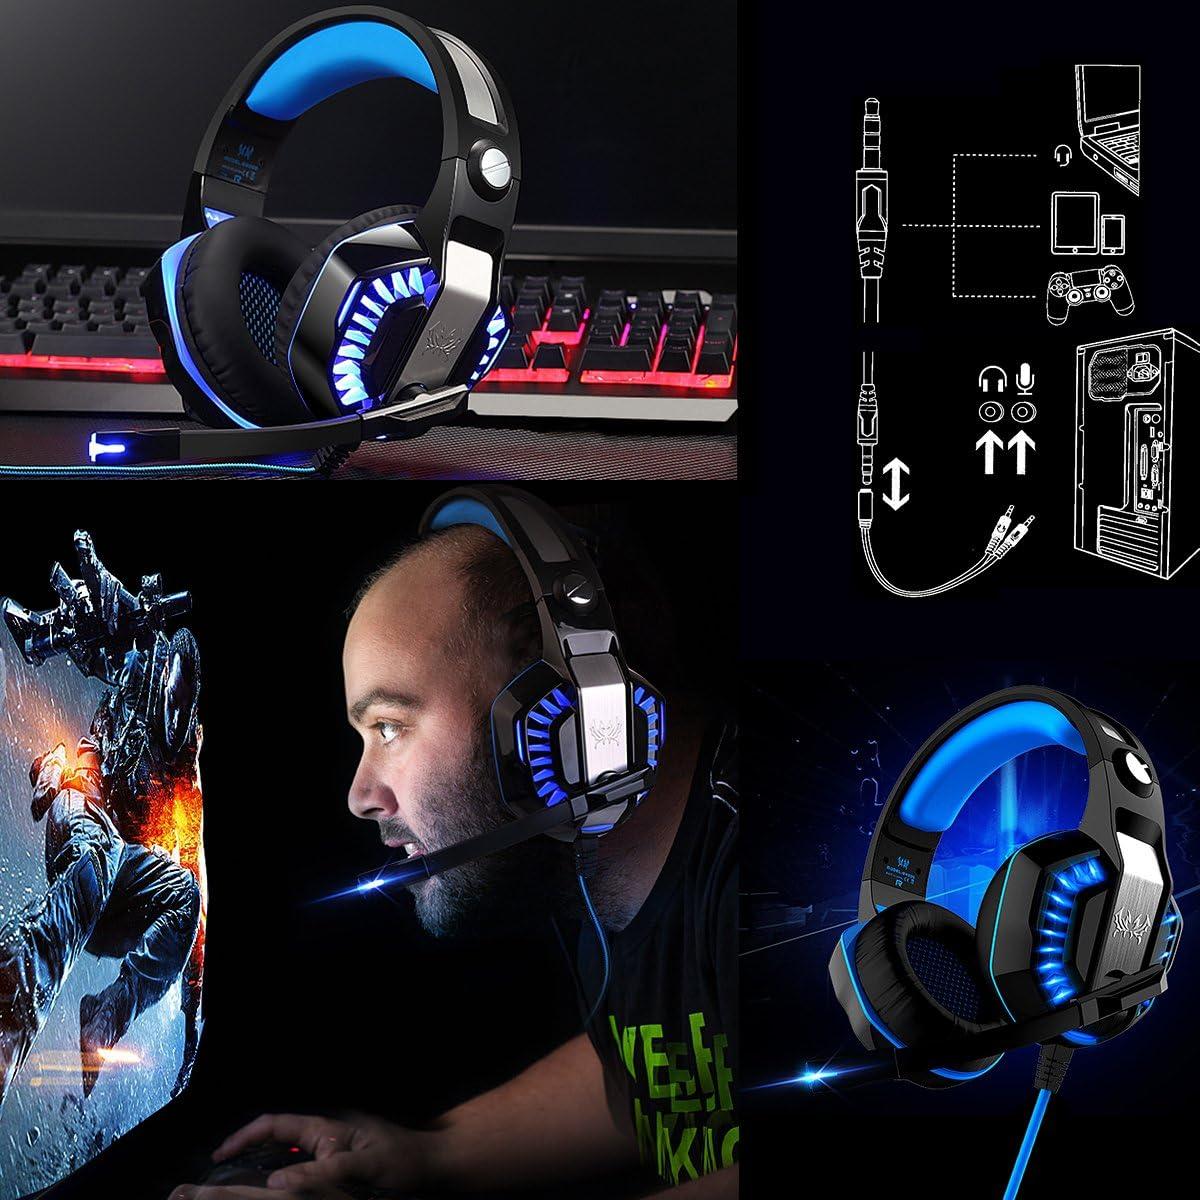 KOTION EACH G2000 USB+3.5mm Cuffie Gaming per PS4 con Microfono Cuffia da Gioco Gamer Stereo LED Luce Regolatore di Volume Noise Cancelling per Xbox One//PS4//PC//Laptop//Mac